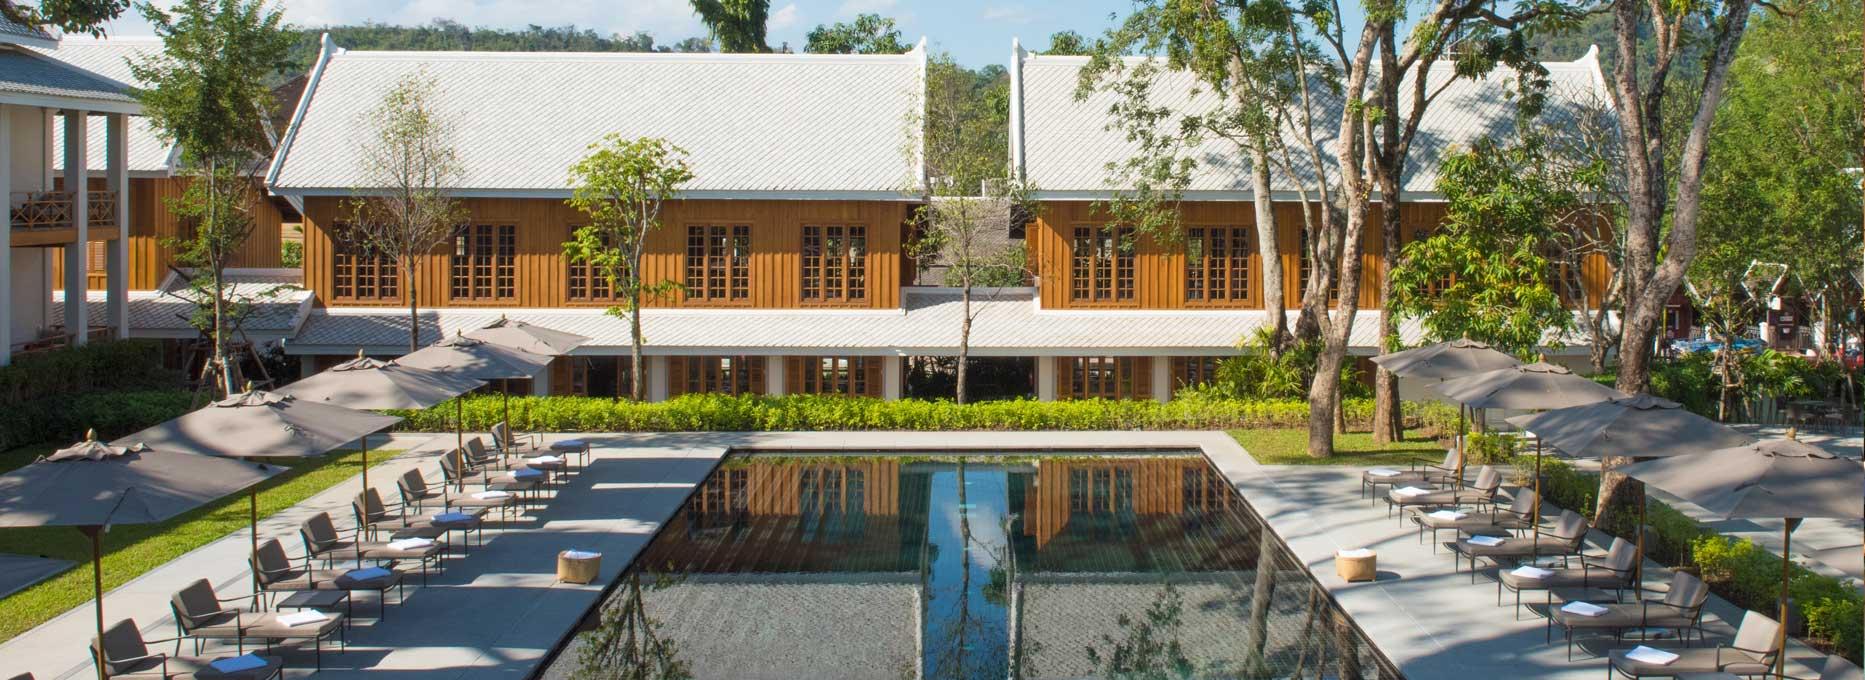 AVANI Luang Prabang - Pool Courtyard